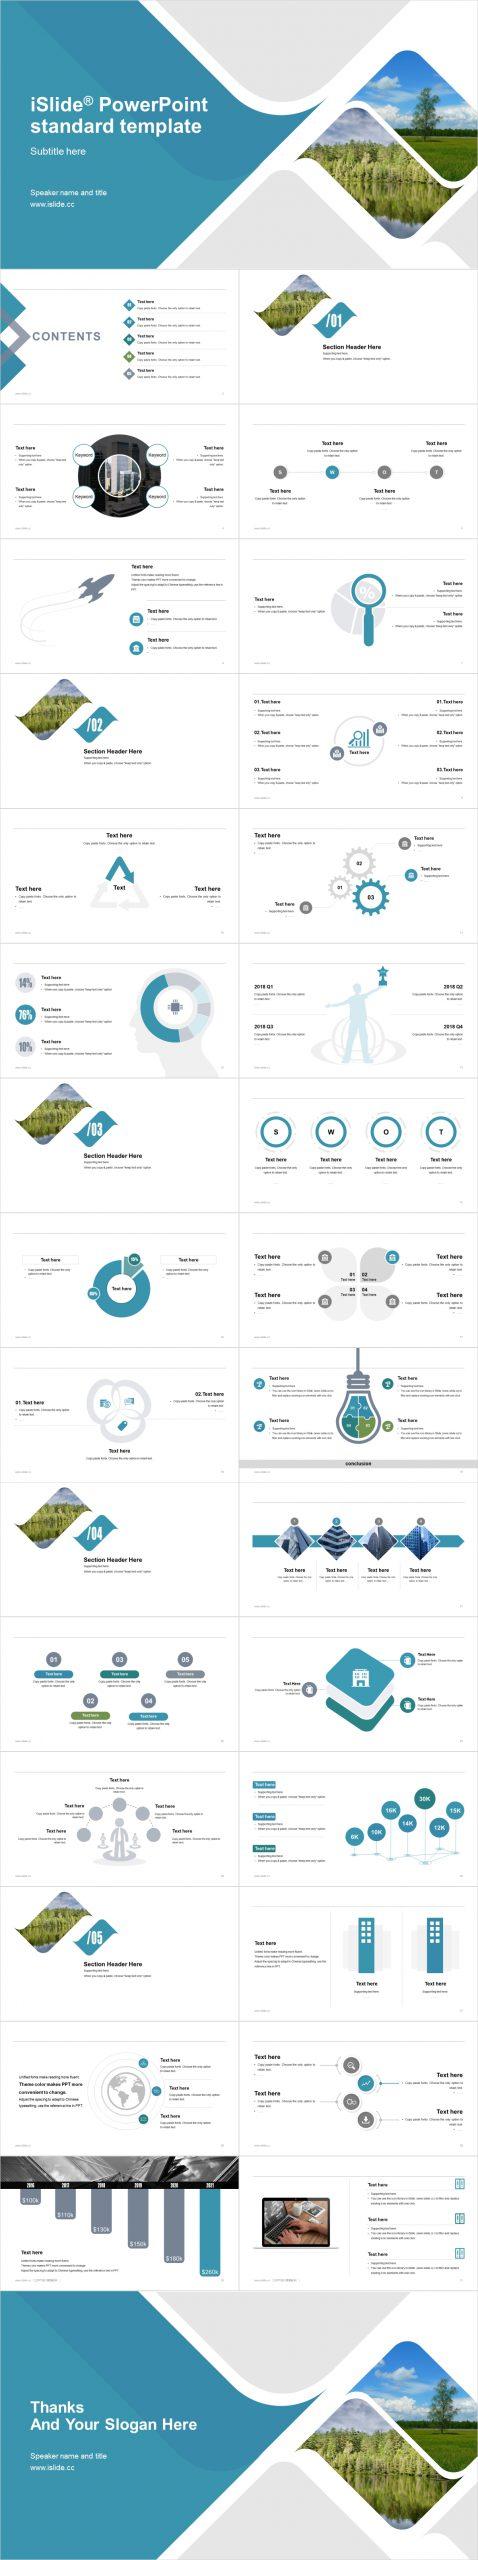 綠色植物植樹節 環境保護PPT模板下載_預覽圖2